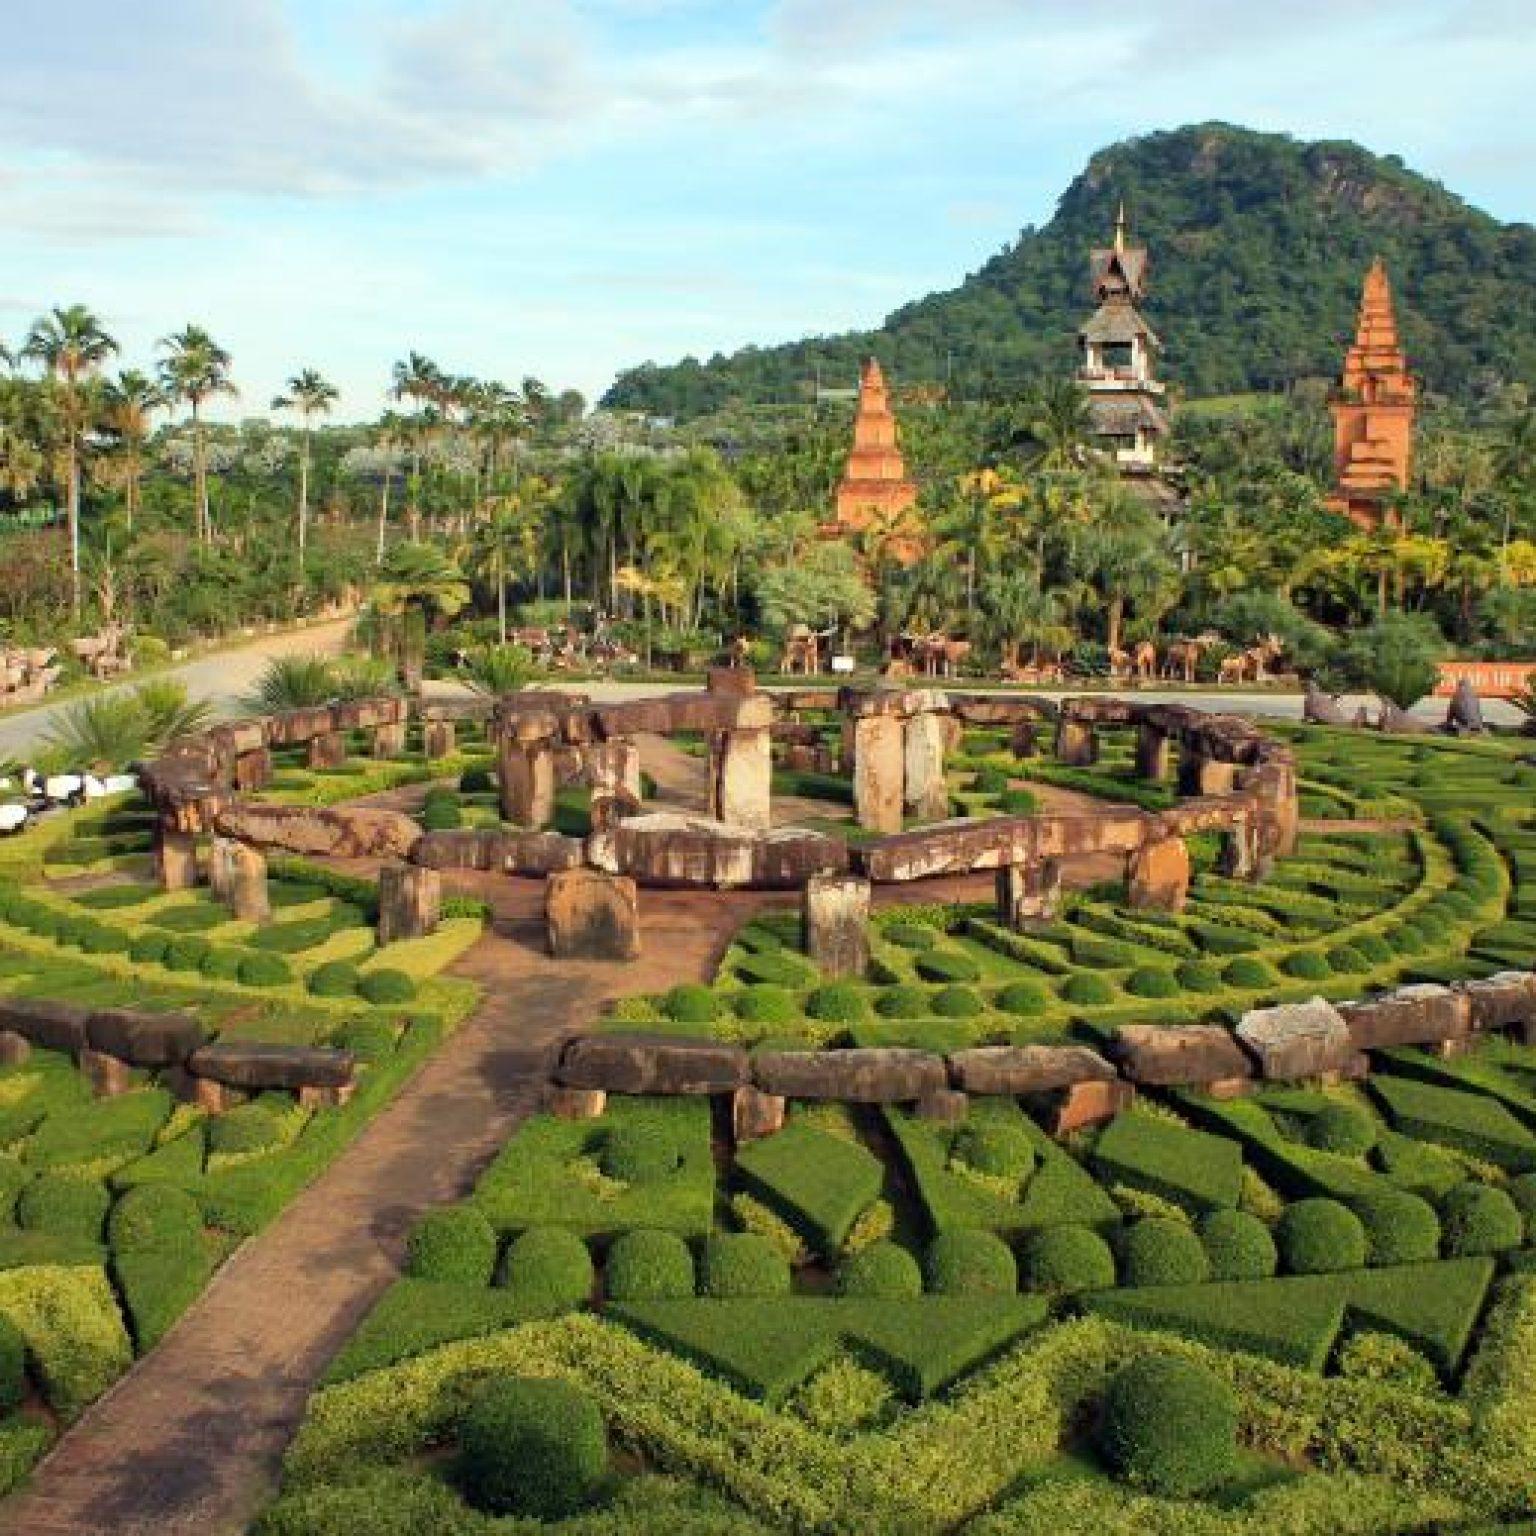 Тропический парк Нонг Нуч - яркая достопримечательность в окрестностях Паттайи